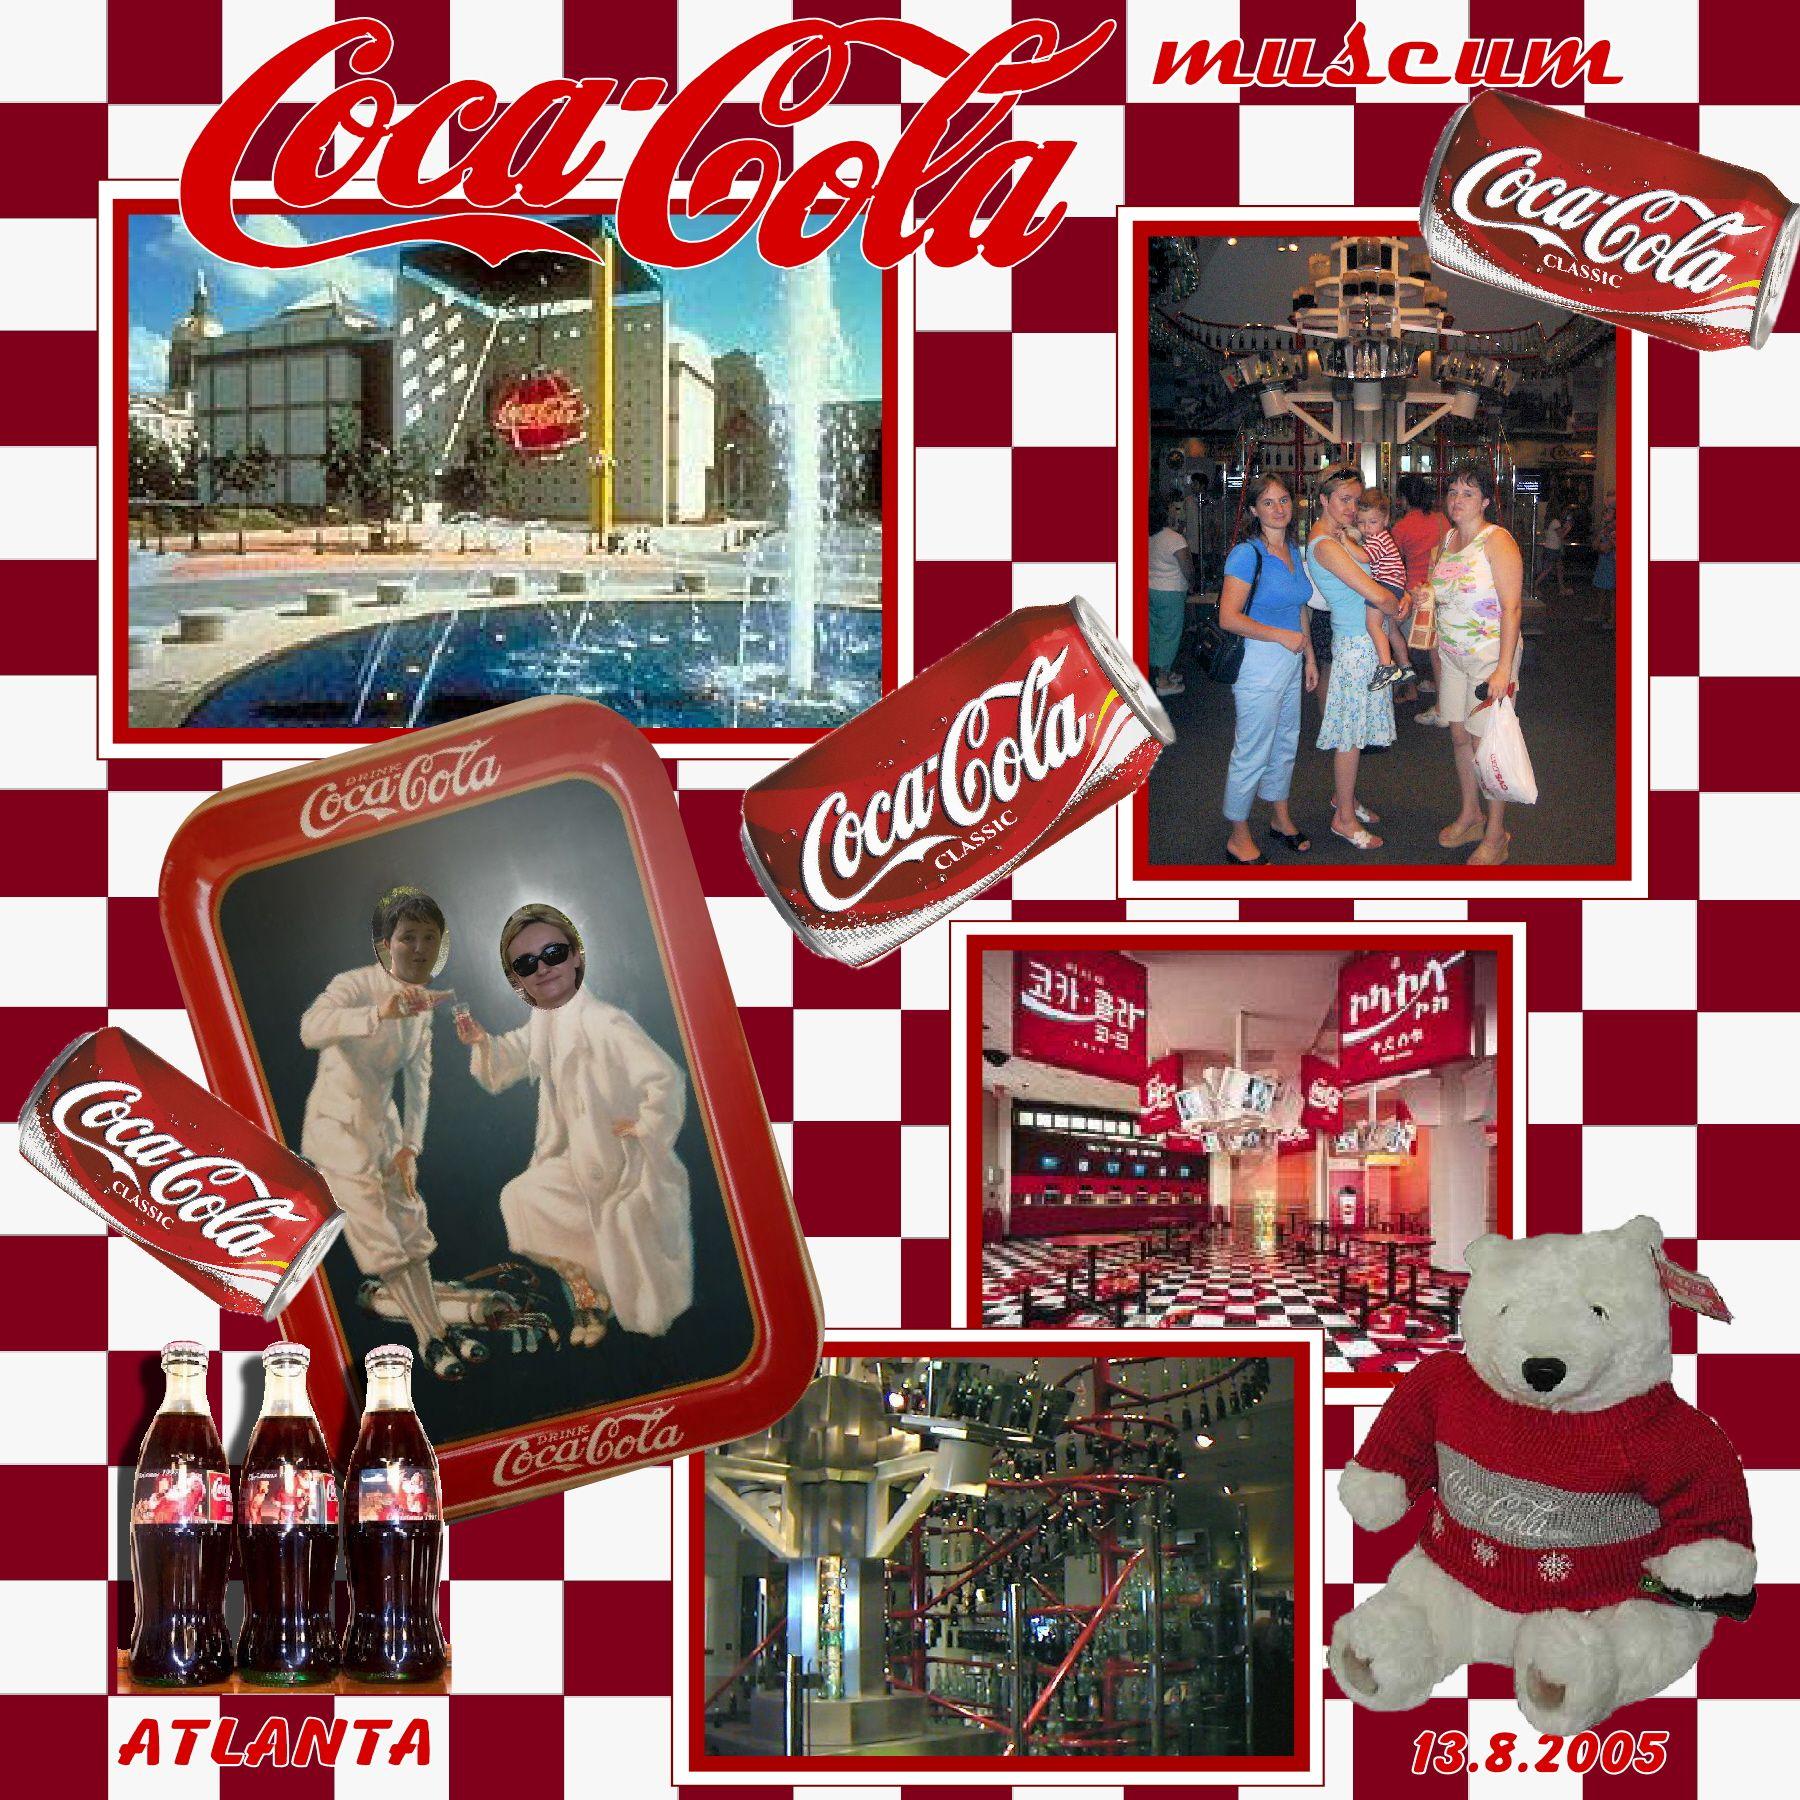 How to scrapbook yahoo - Coke scrapbook layout yahoo search results yahoo image search results